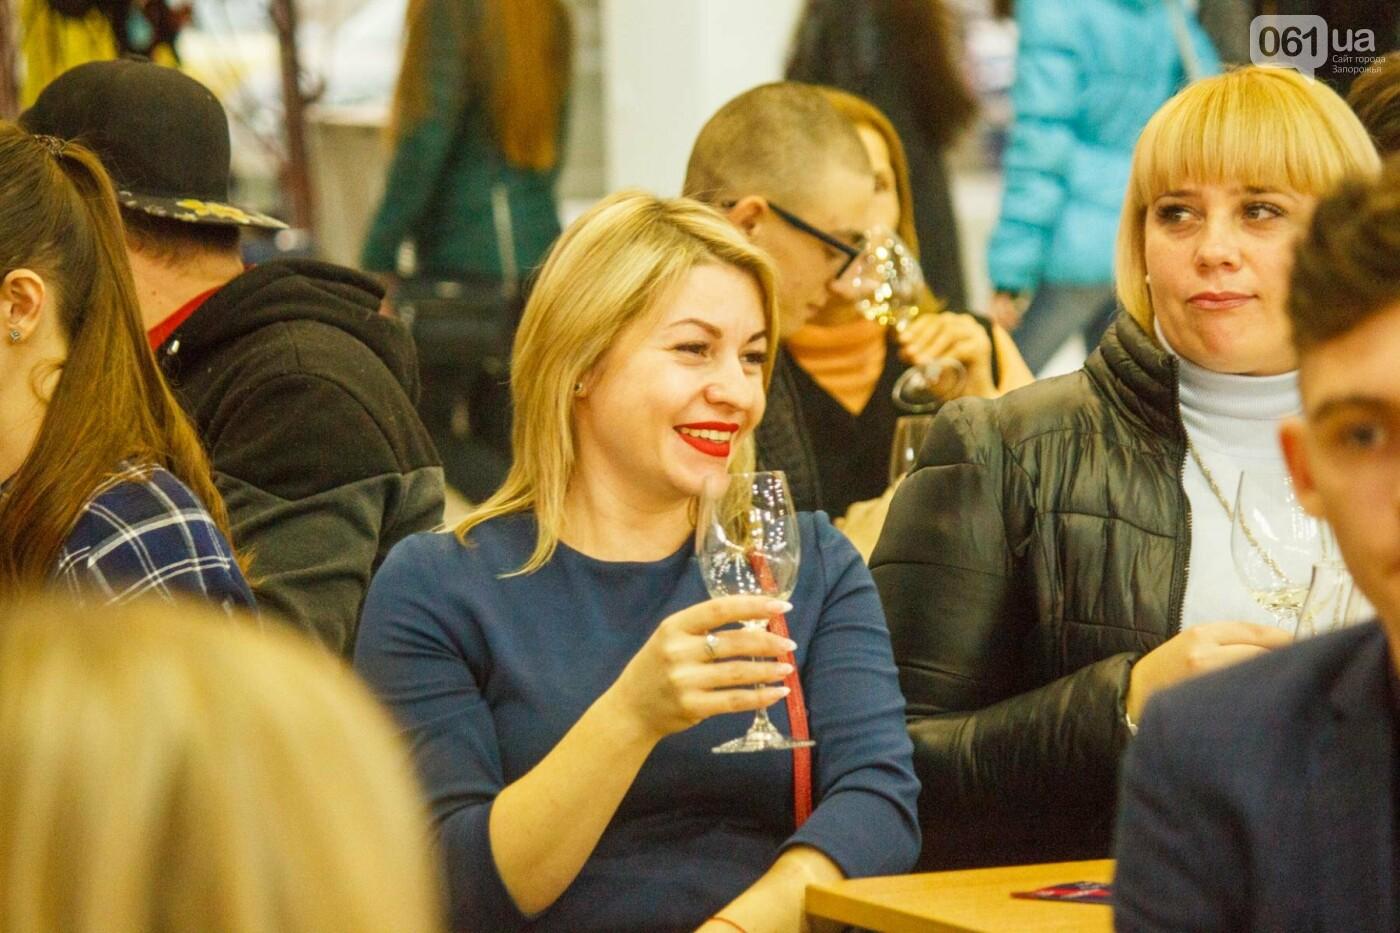 Шеф-повара запорожских ресторанов провели мастер-класс для горожан: как это было, - ФОТОРЕПОРТАЖ, фото-71